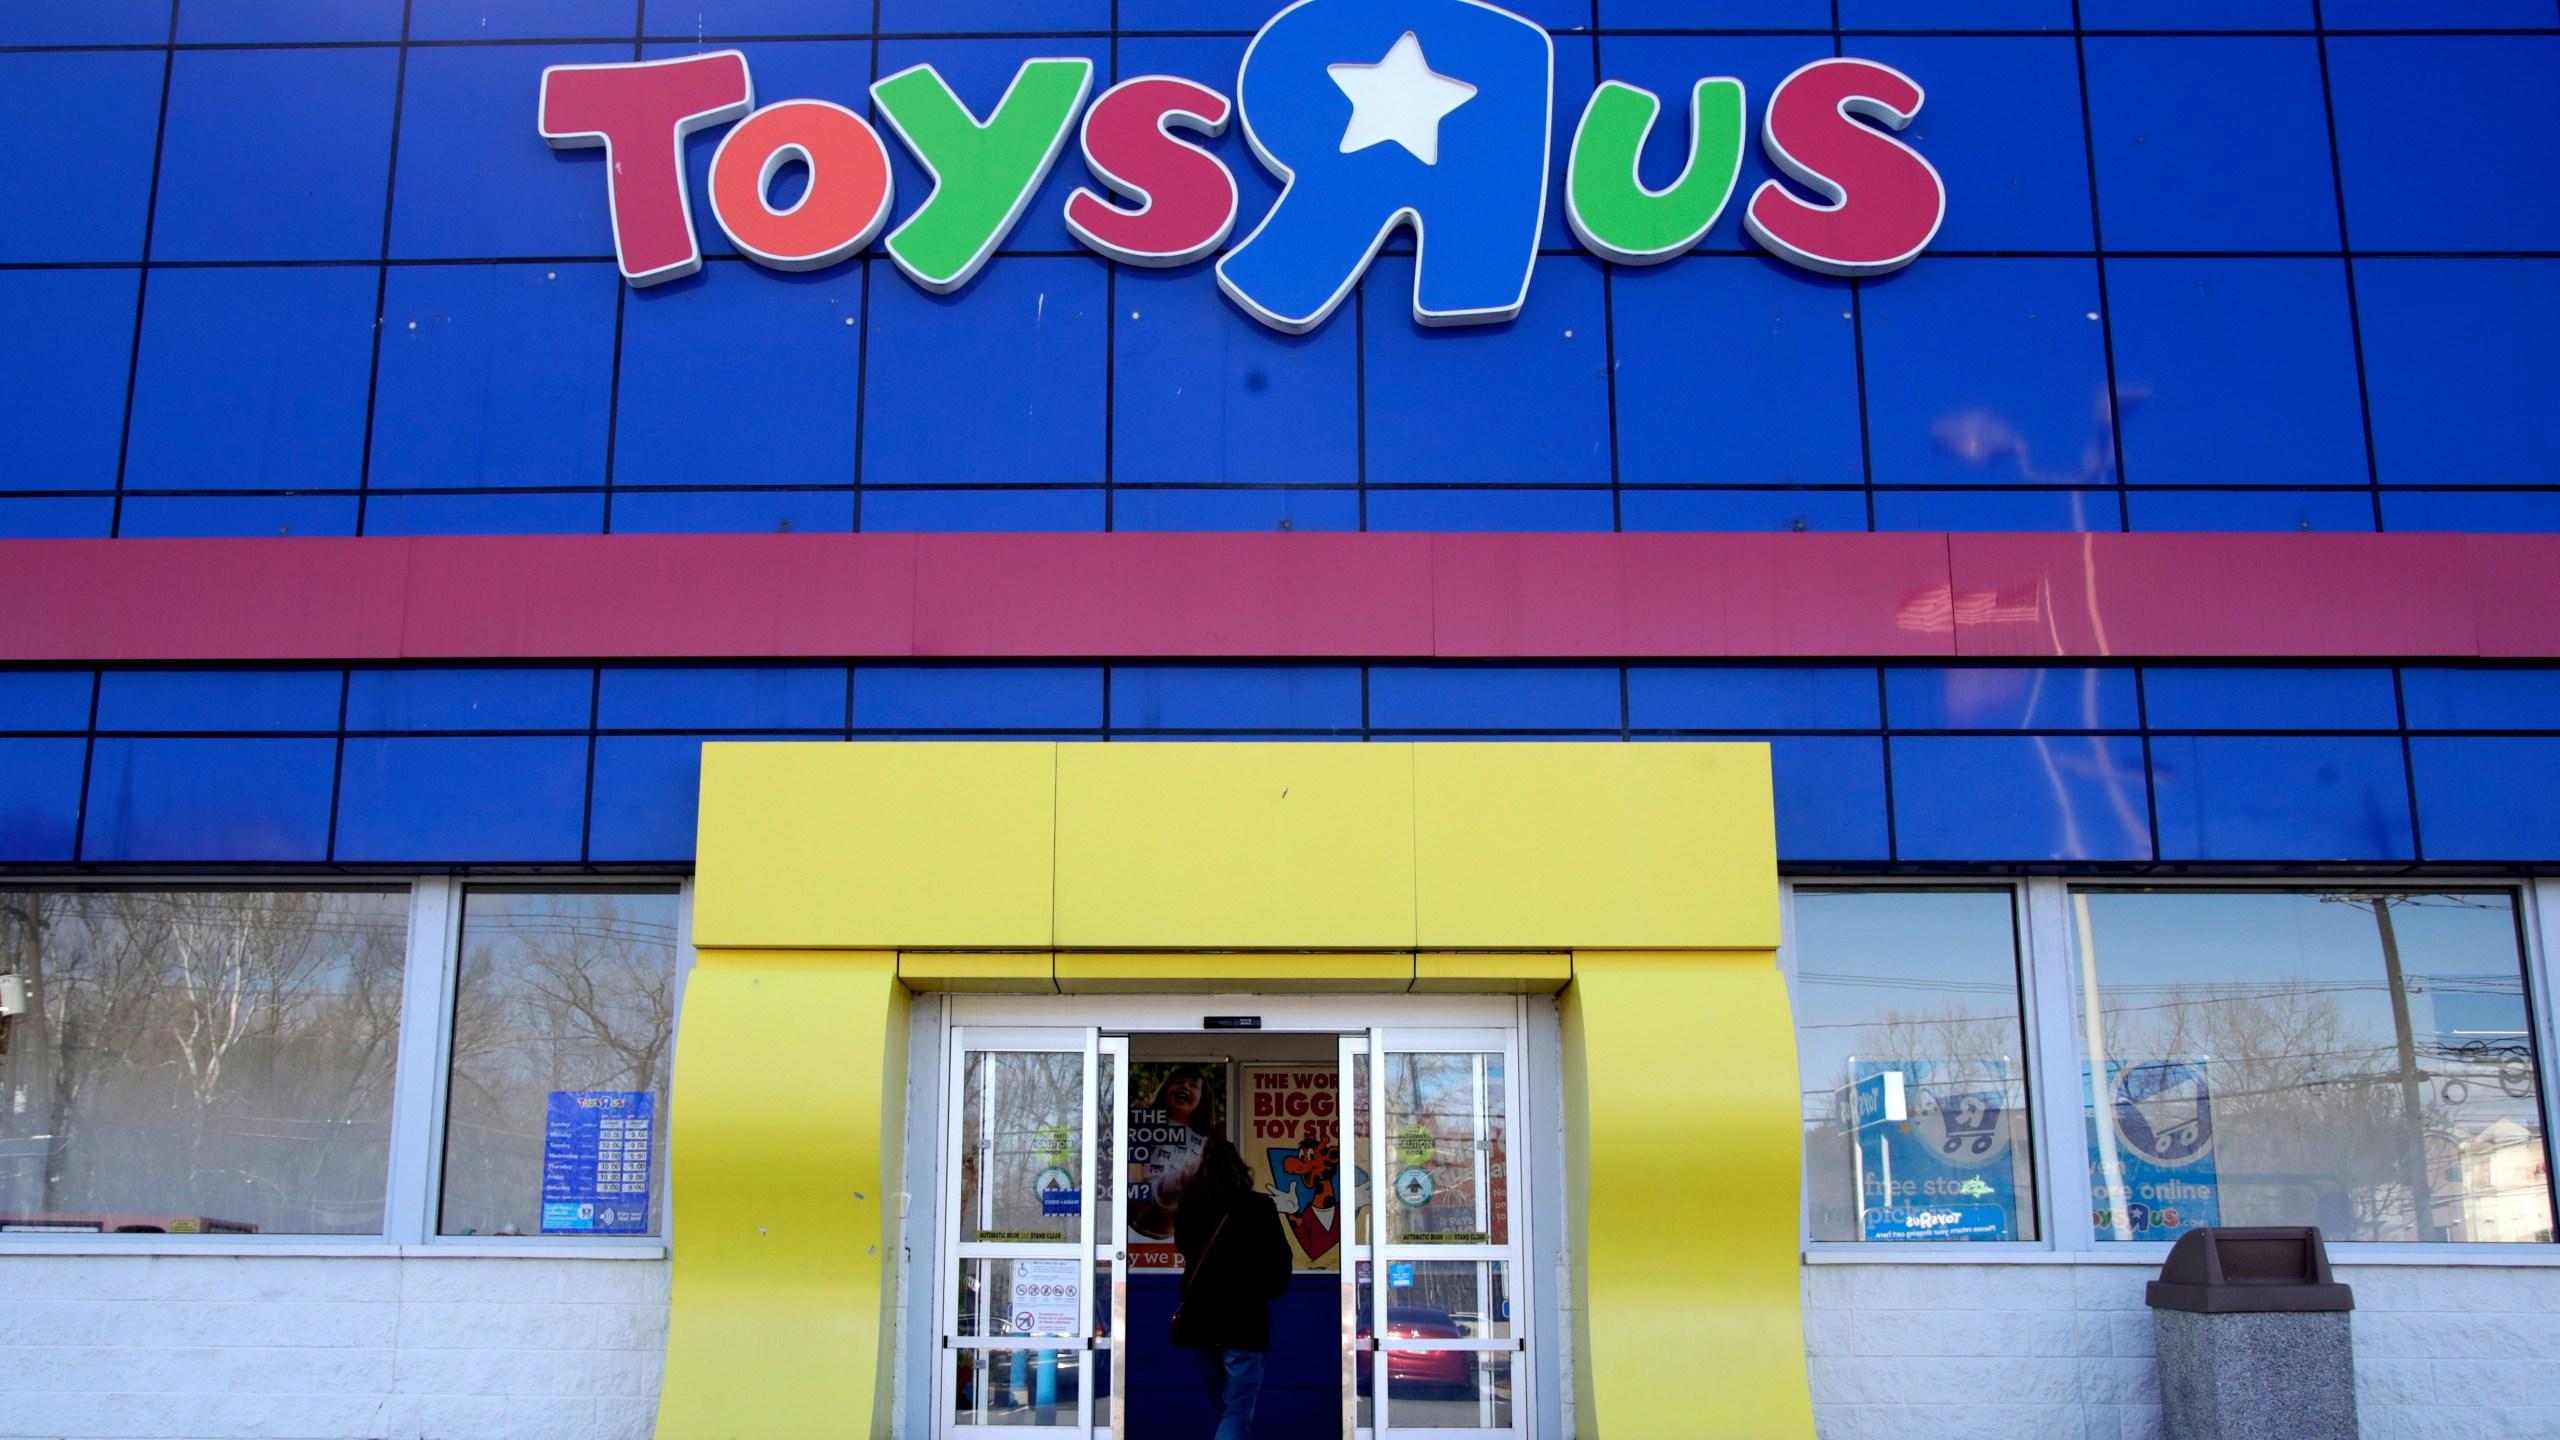 Toys_R_Us_Liquidation_21484-159532.jpg22958823